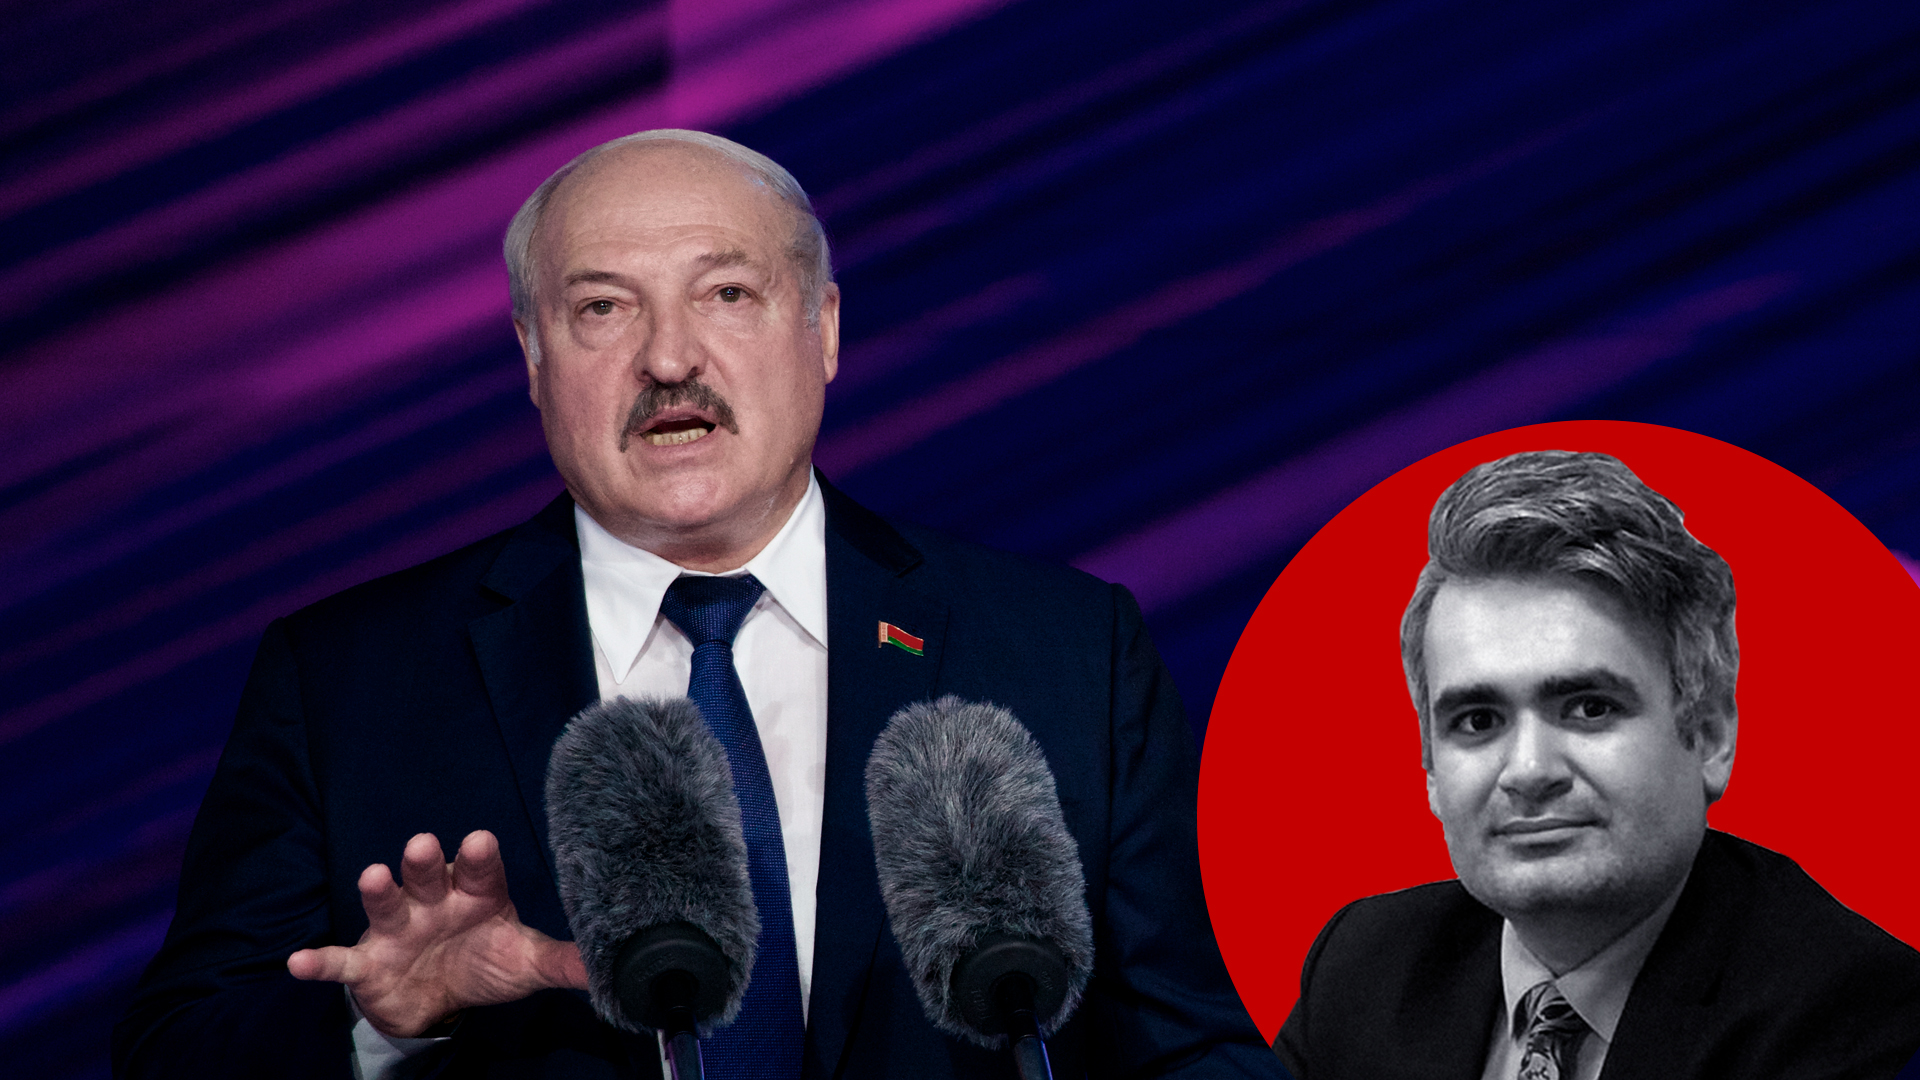 Трибуны для трибунала: Как западные СМИ и политики мечтают расправиться с Александром Лукашенко